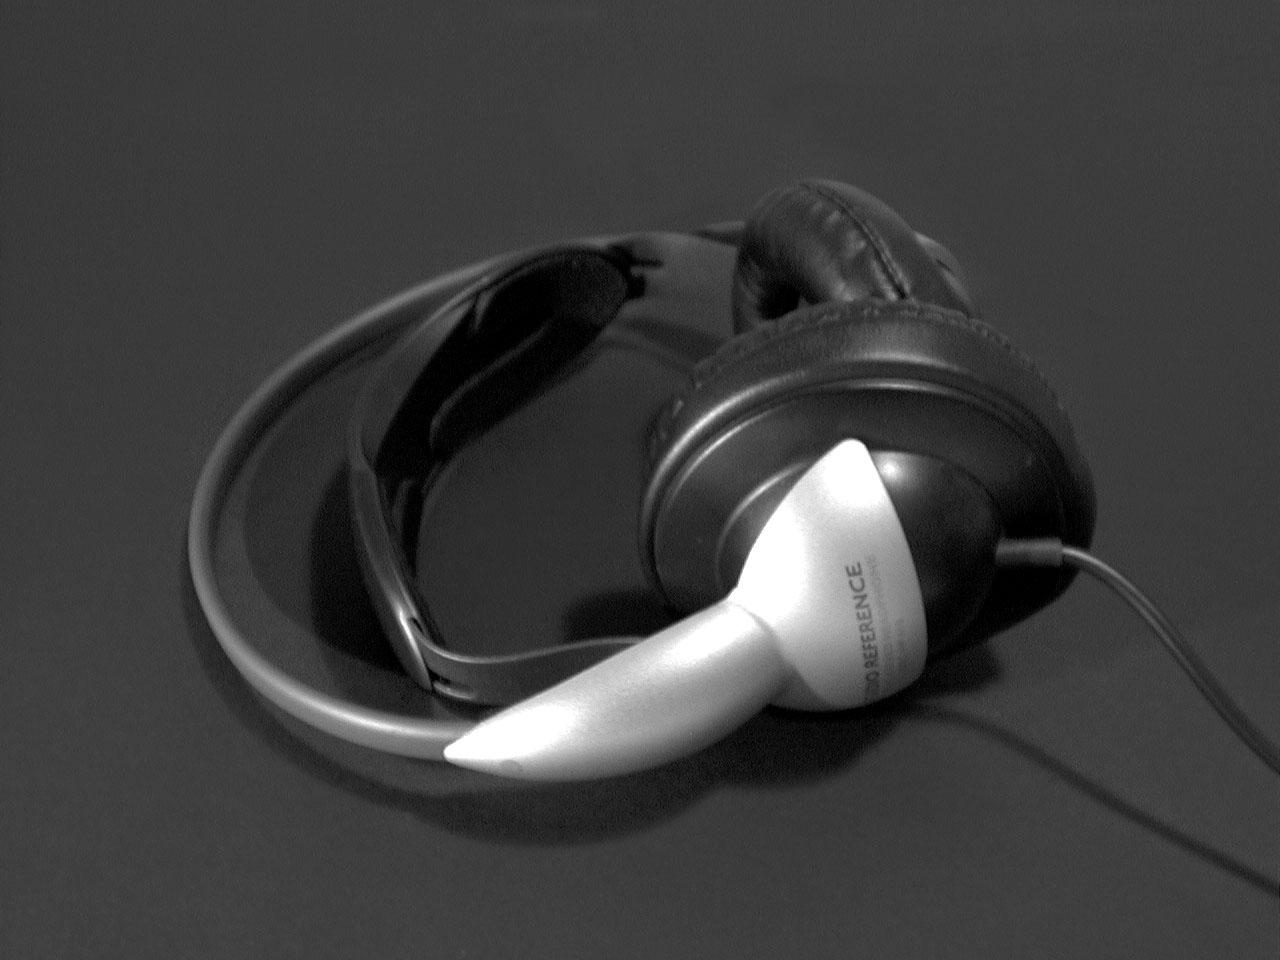 Słuchawki dynamiczne